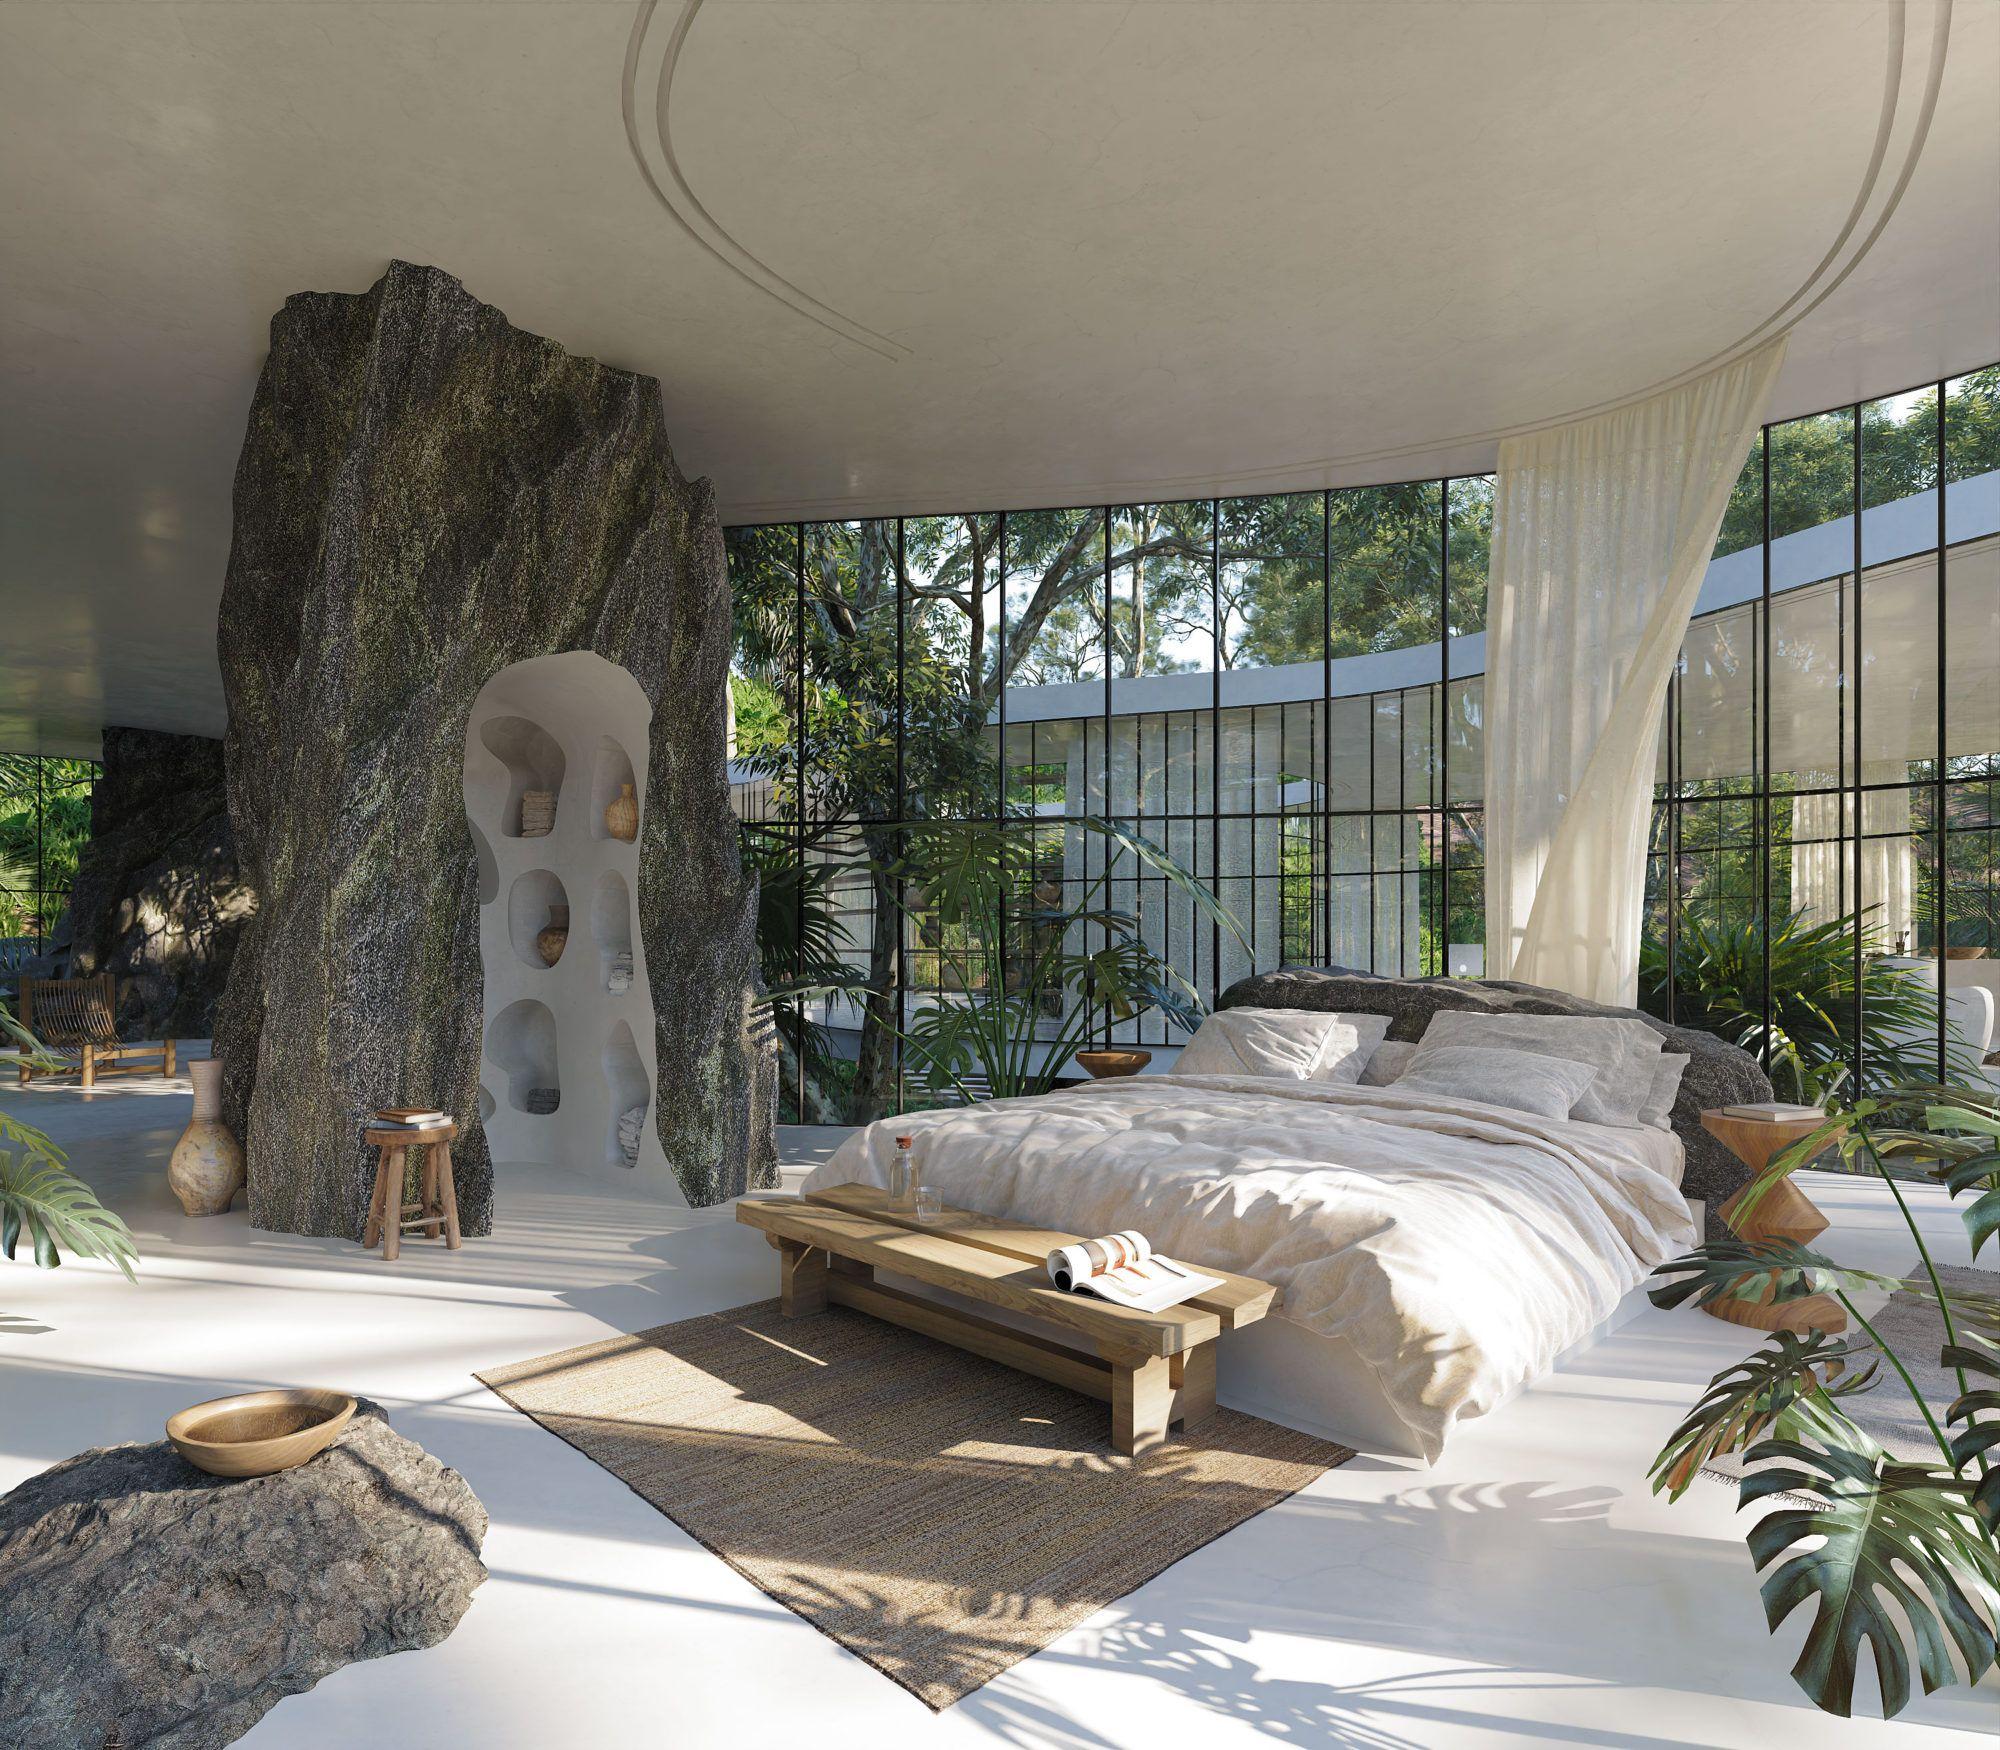 Photo of Une maison de verre design dans la nature brésilienne – PLANETE DECO a homes wo…